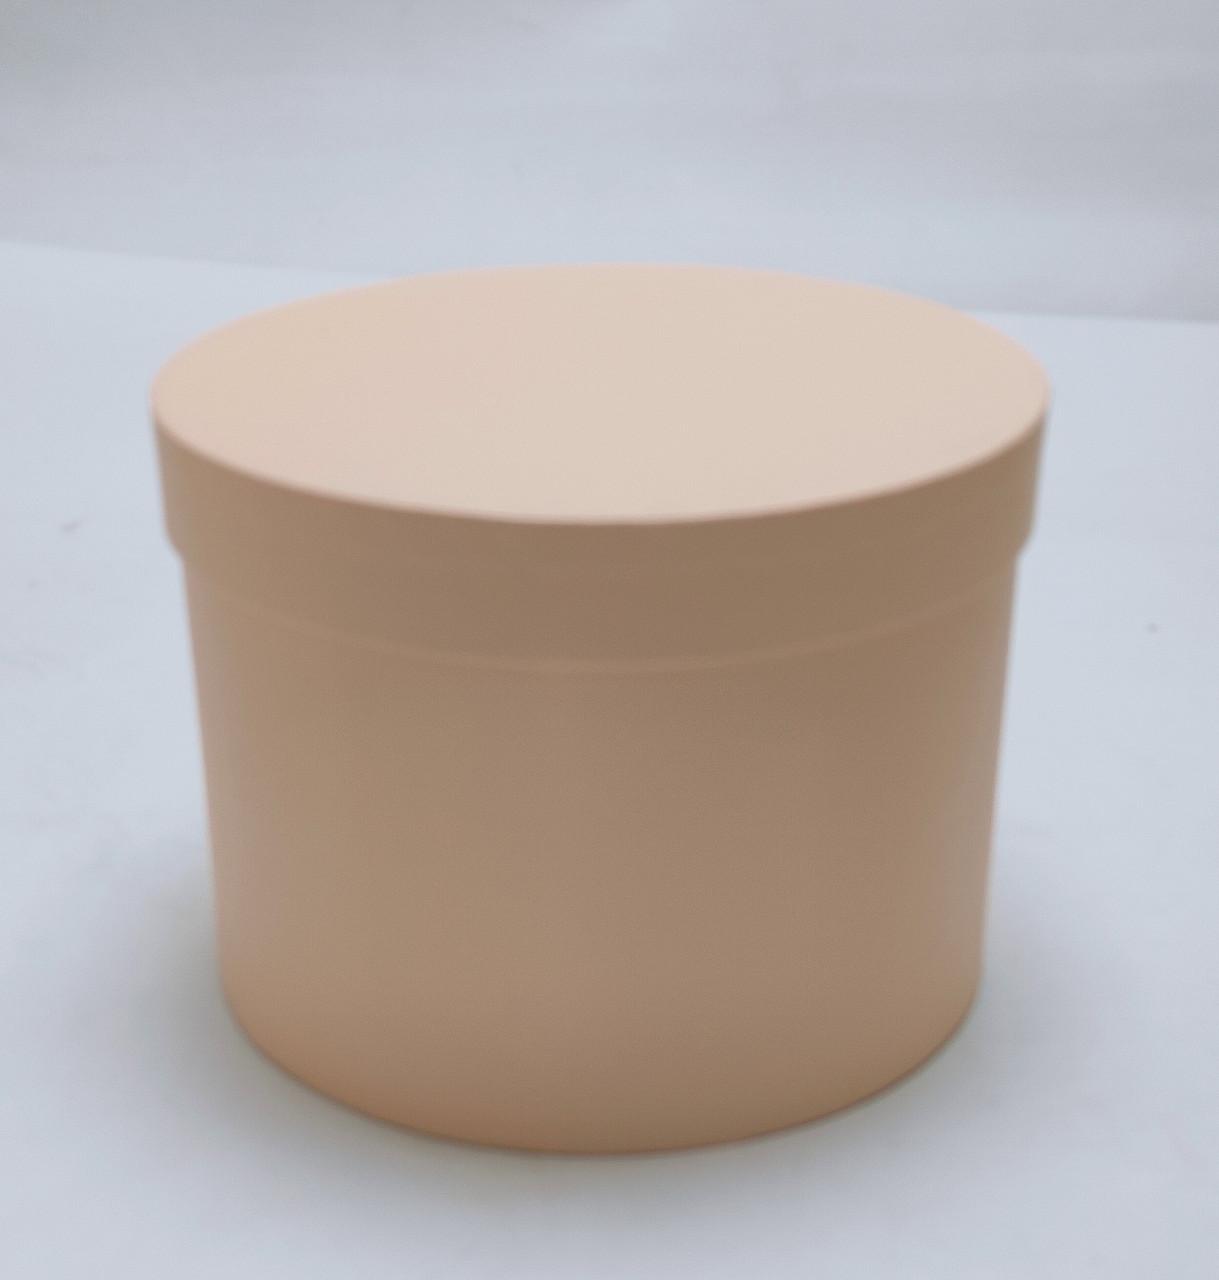 Коробка круглая d18,5см*h14см персиковая